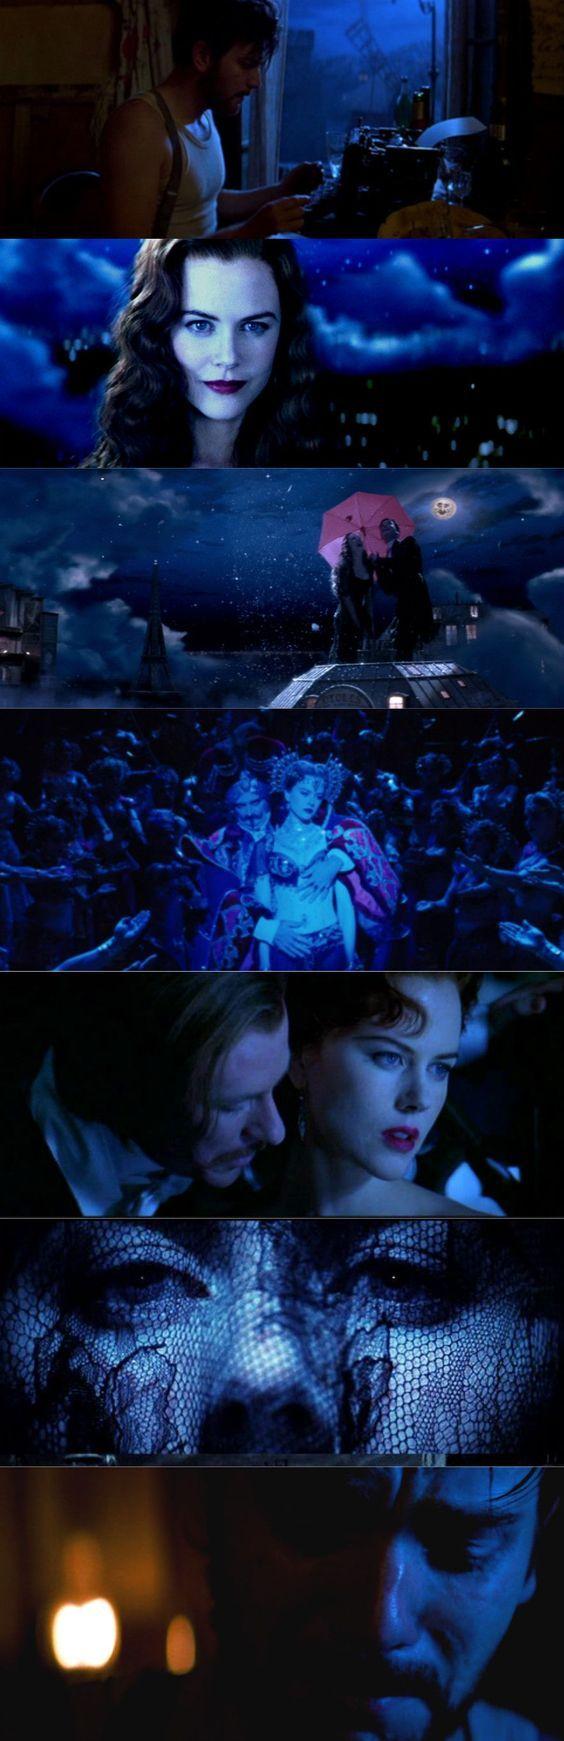 Cenas do filme Moulin Rouge. 10 filmes sobre o lado bom do ser humano. O cinema disposto em todas as suas formas. Análises desde os clássicos até as novidades que permeiam a sétima arte. Críticas de filmes e matérias especiais todos os dias. #filme #filmes #clássico #cinema #ator #atriz